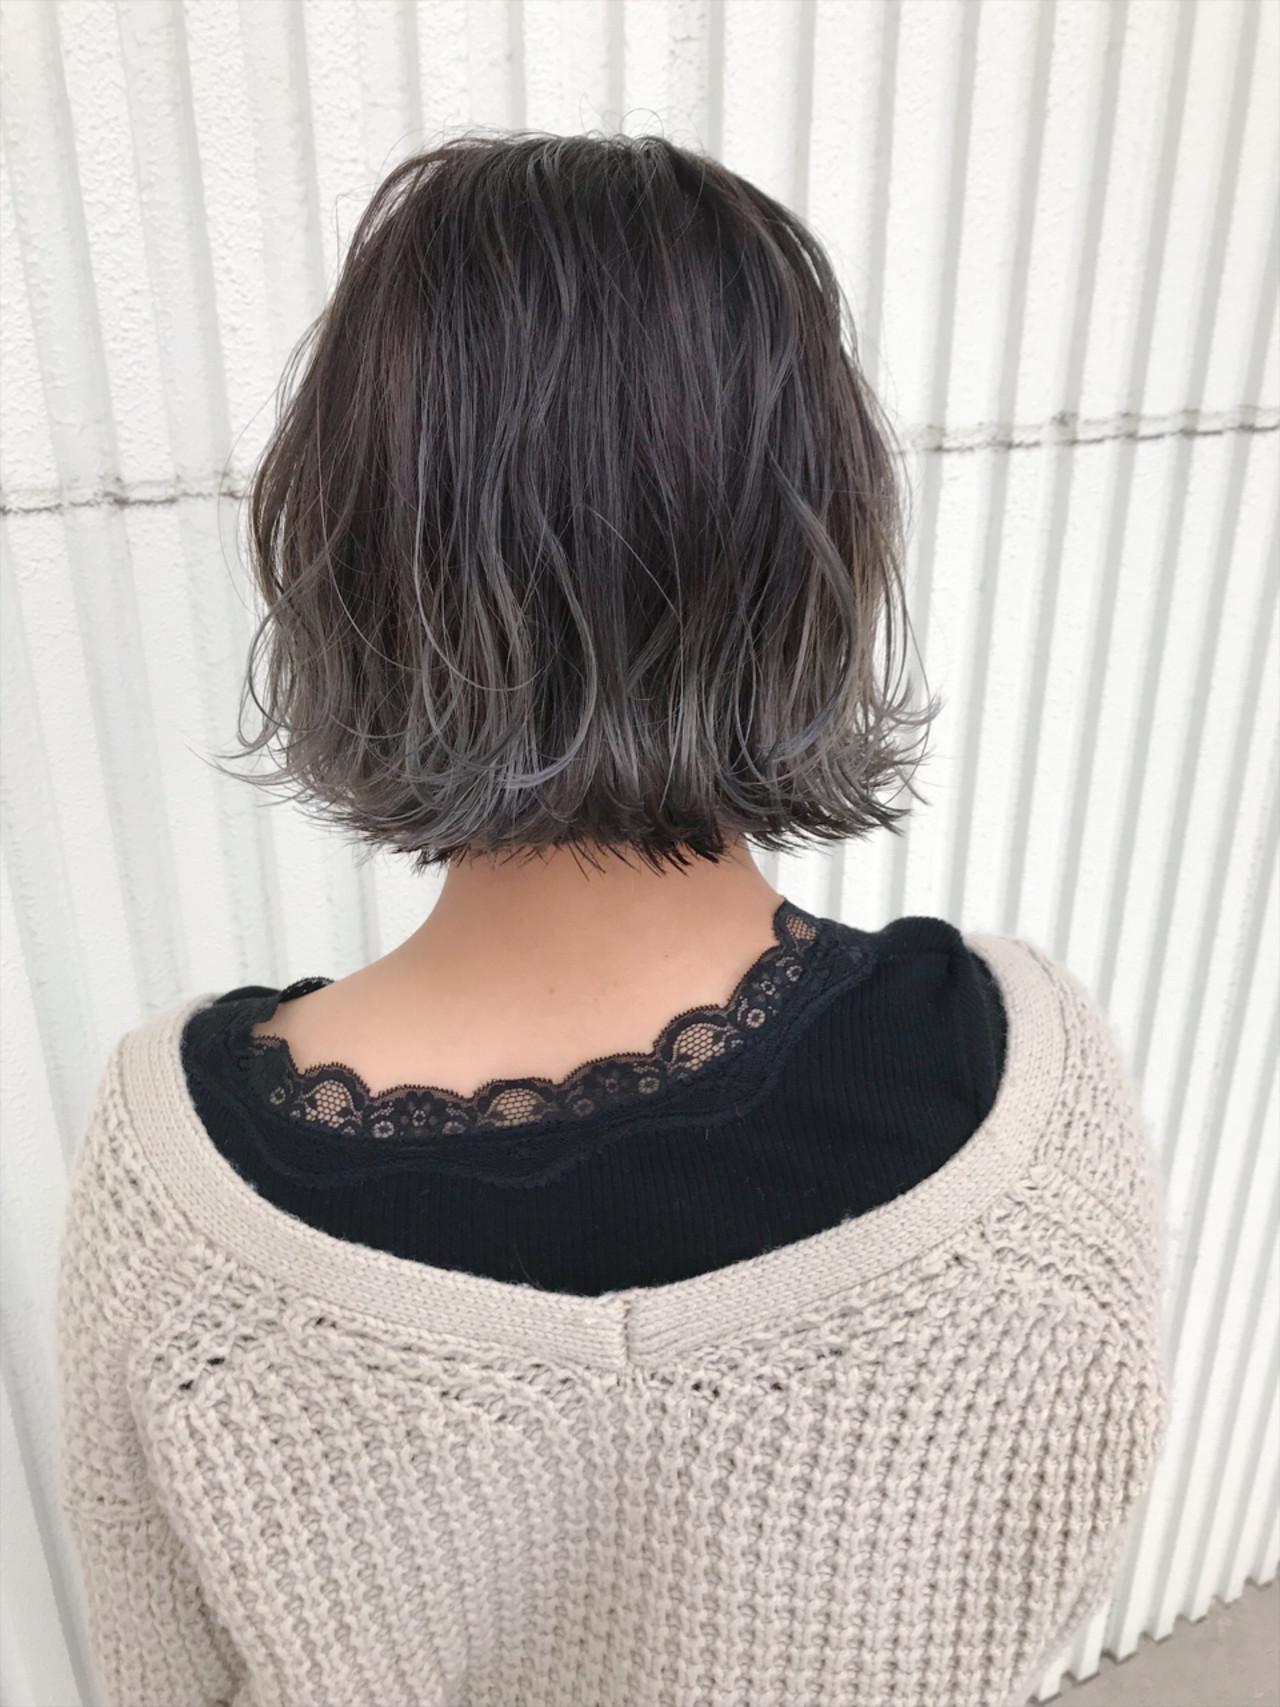 ナチュラル バレイヤージュ ヘアアレンジ ゆるふわ ヘアスタイルや髪型の写真・画像 | kuranico / LORE hair salon